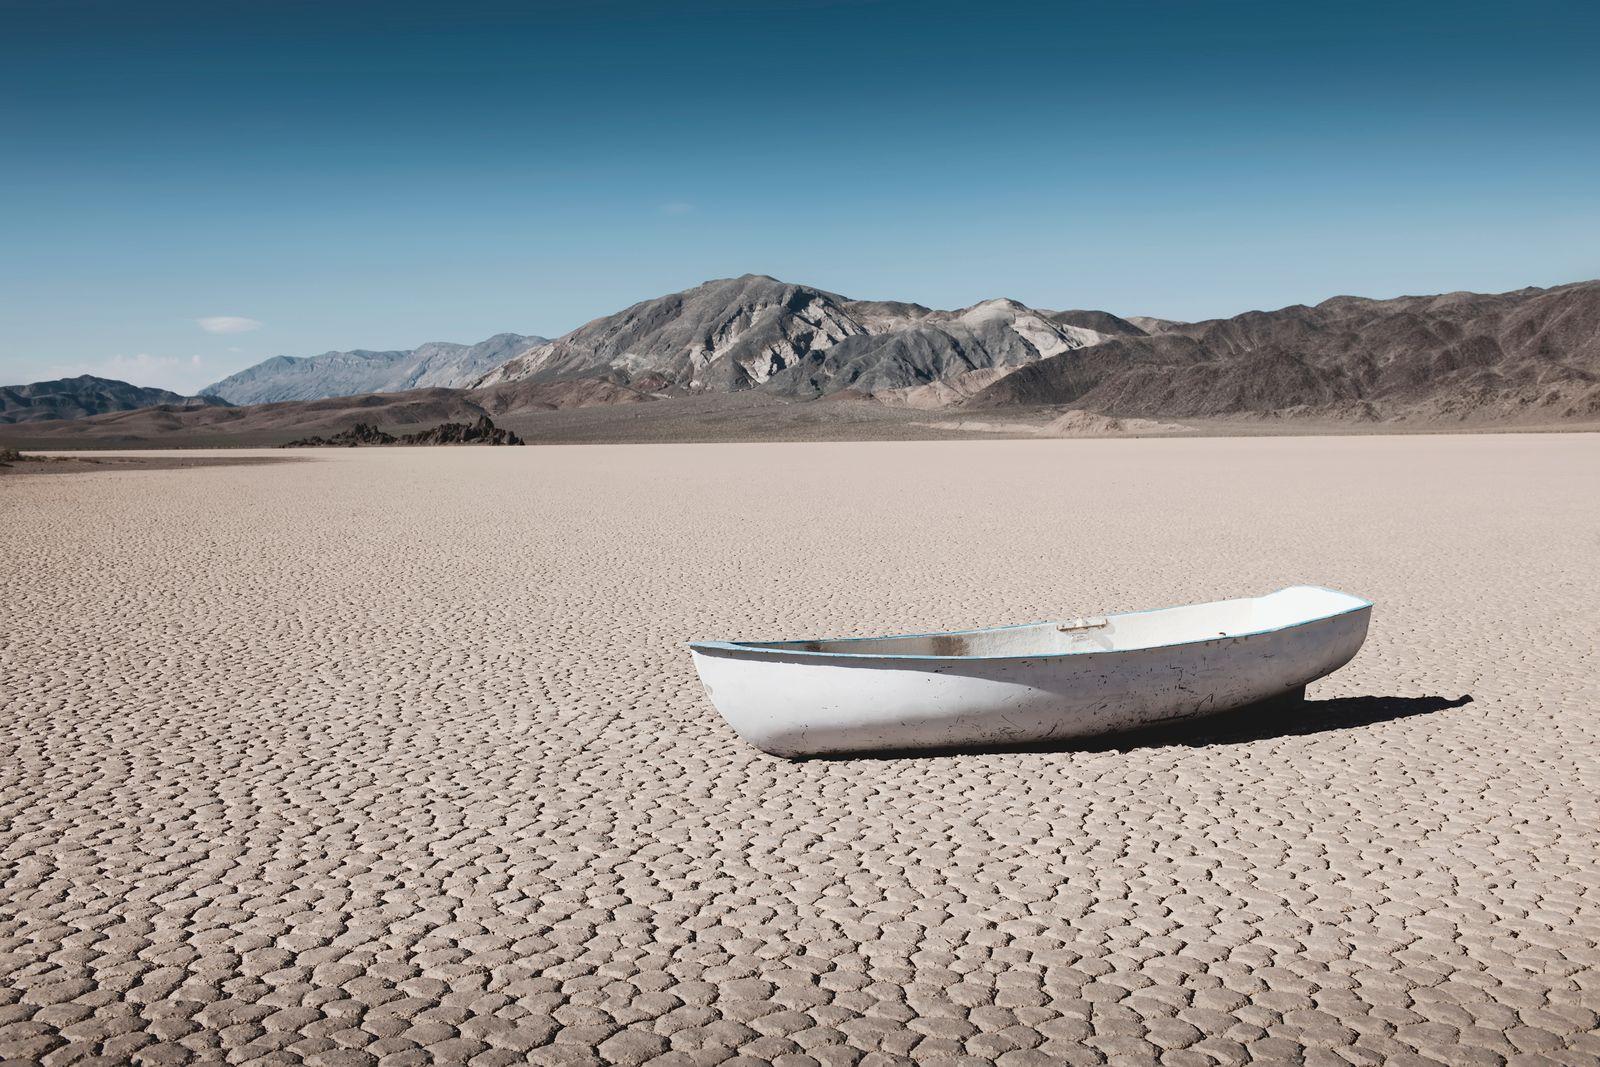 Empty boat in dry desert field